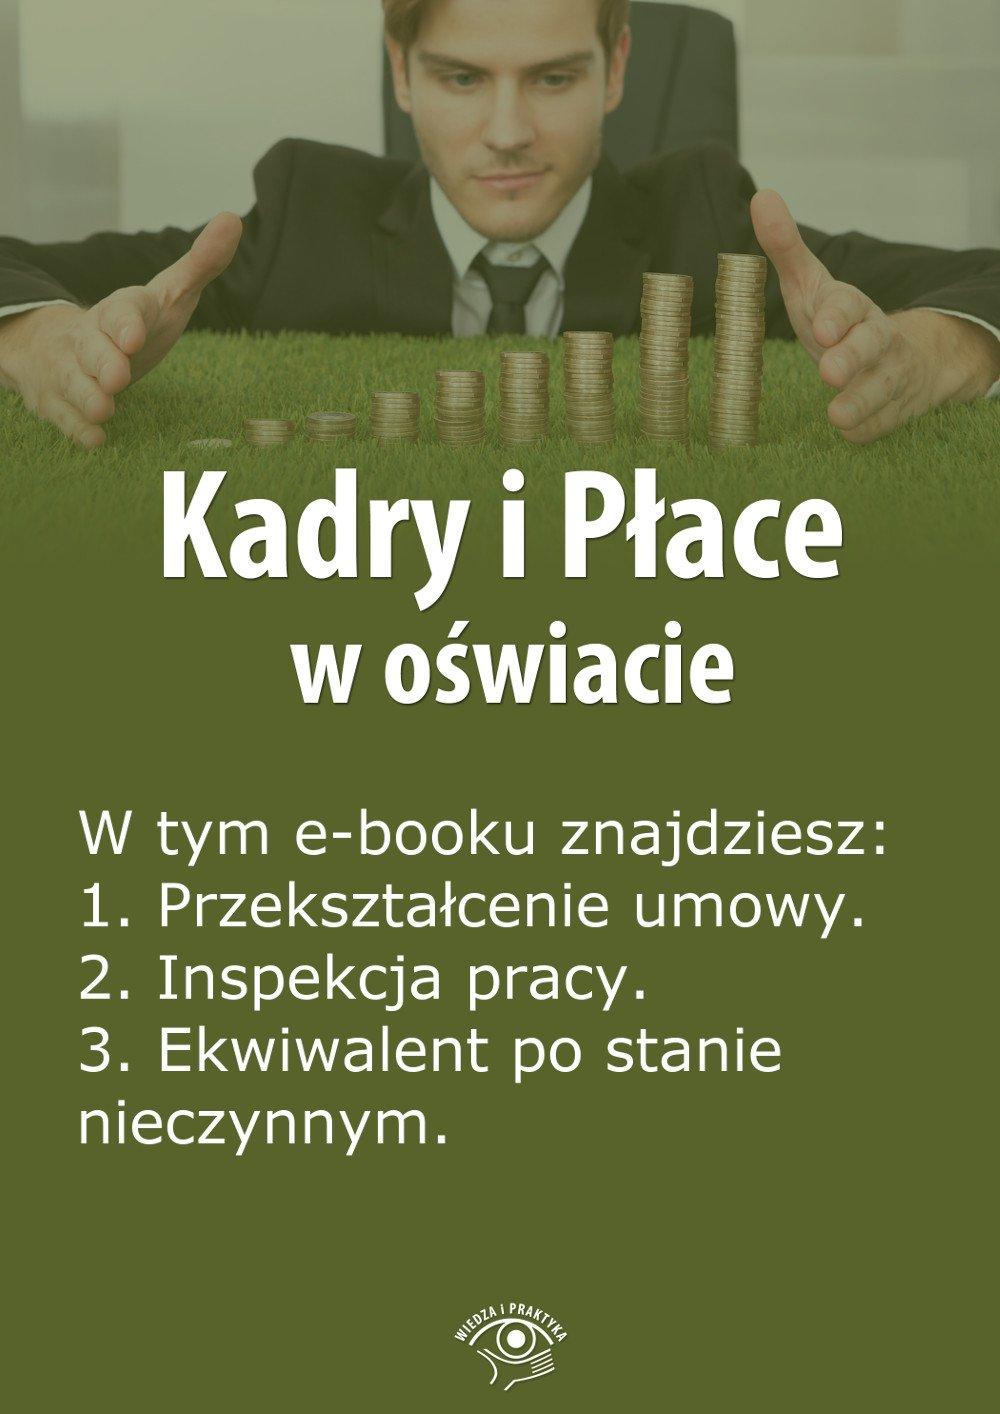 Kadry i Płace w oświacie. Wydanie kwiecień 2014 r. - Ebook (Książka EPUB) do pobrania w formacie EPUB